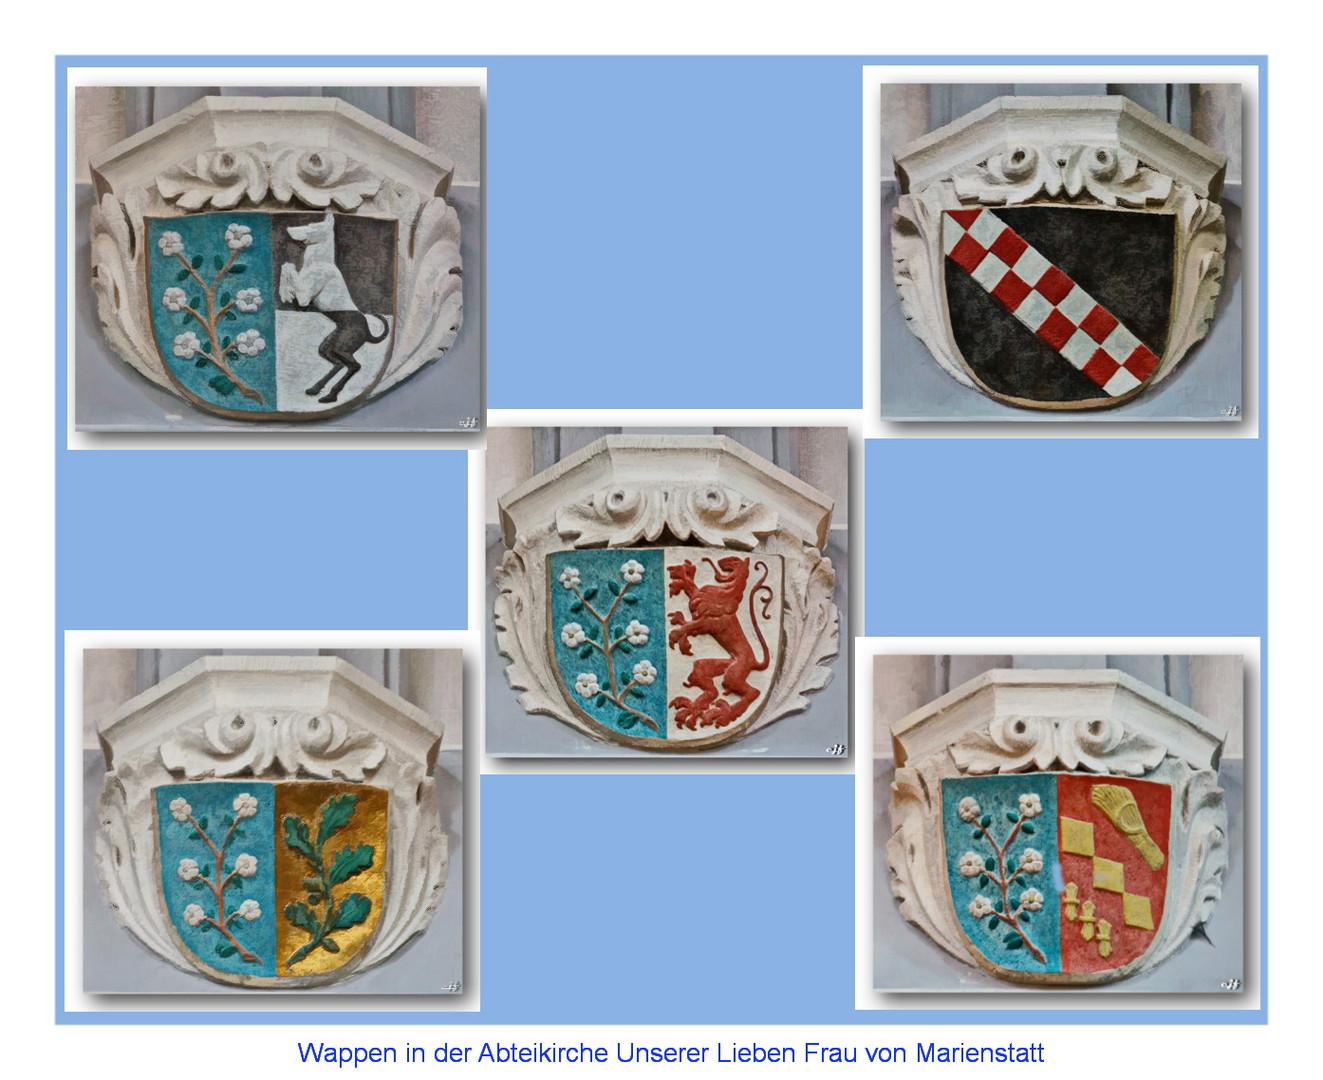 Wappen in der Abteikirche Marienstatt